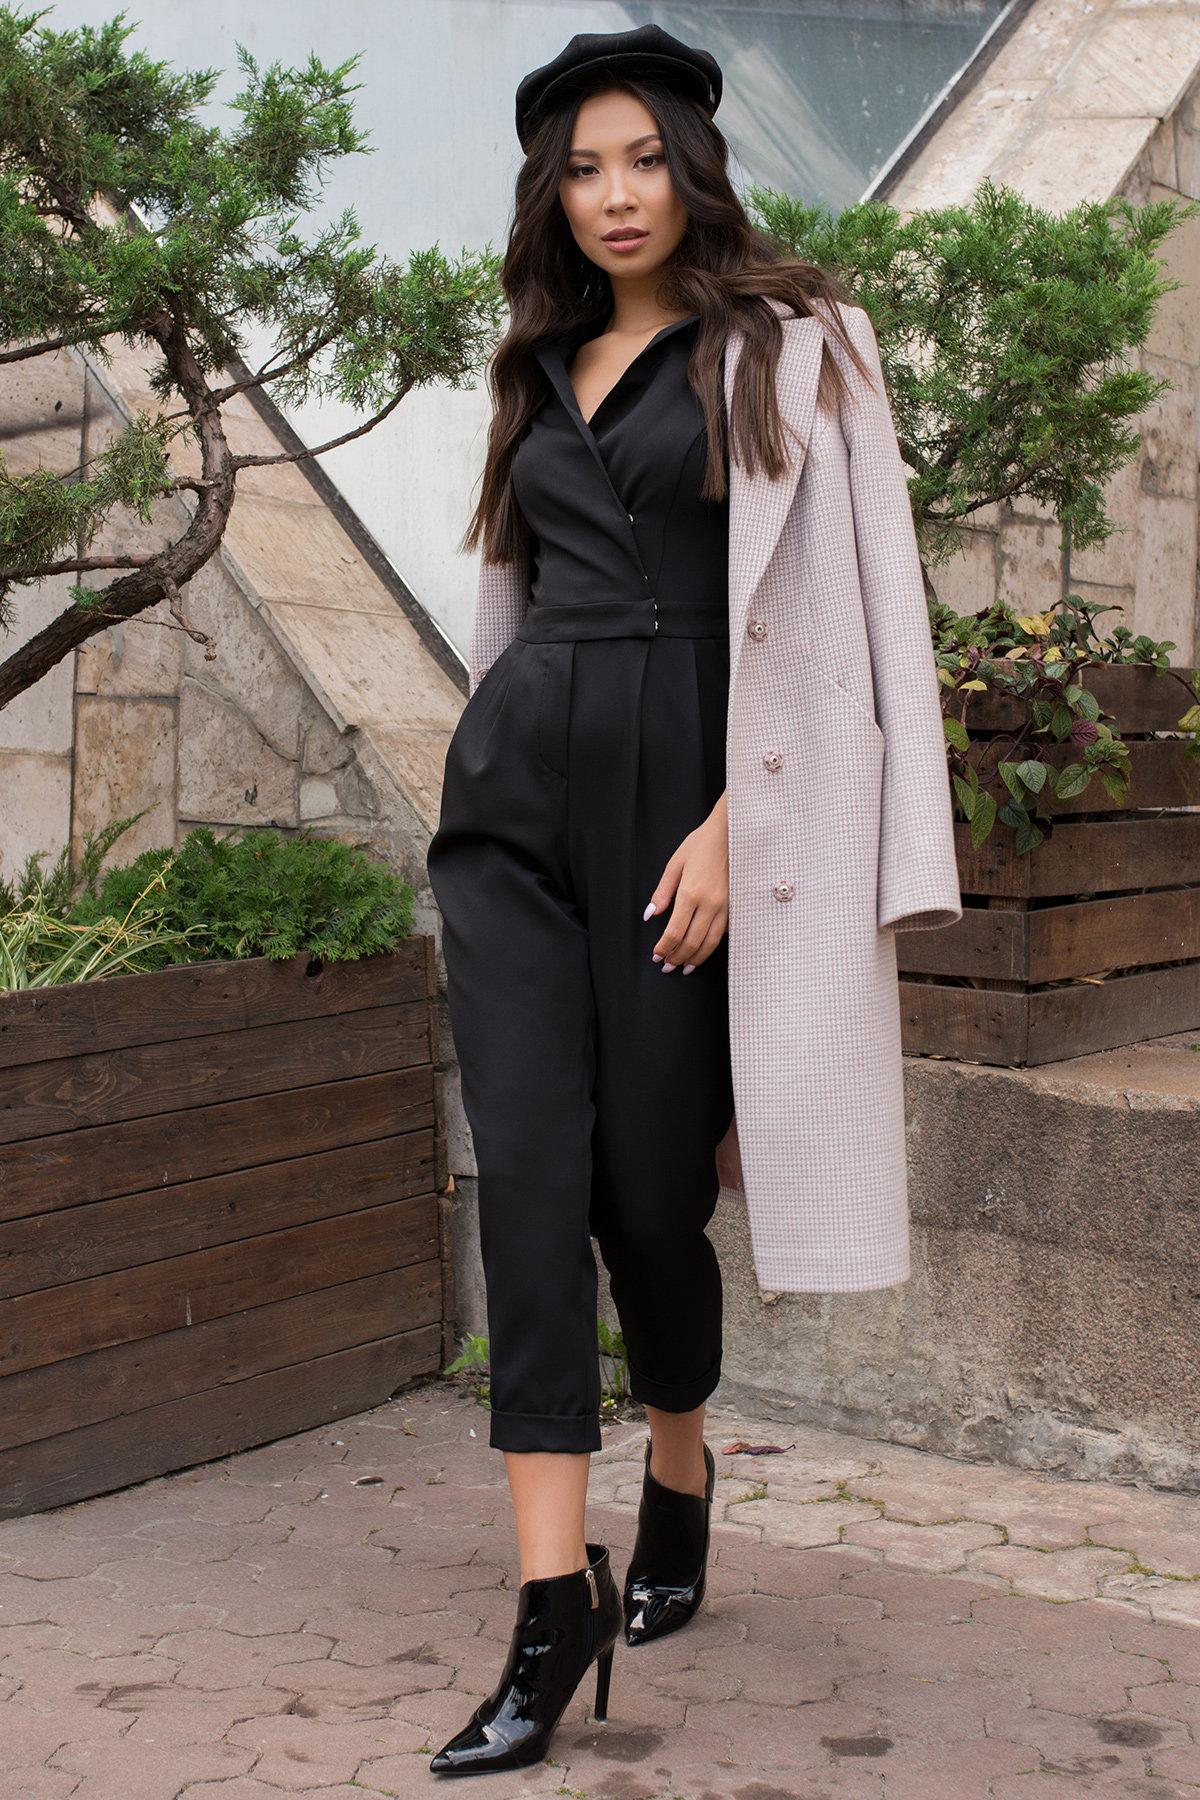 Женский брючный комбинезон Гренада 8816 АРТ. 45149 Цвет: Черный - фото 4, интернет магазин tm-modus.ru